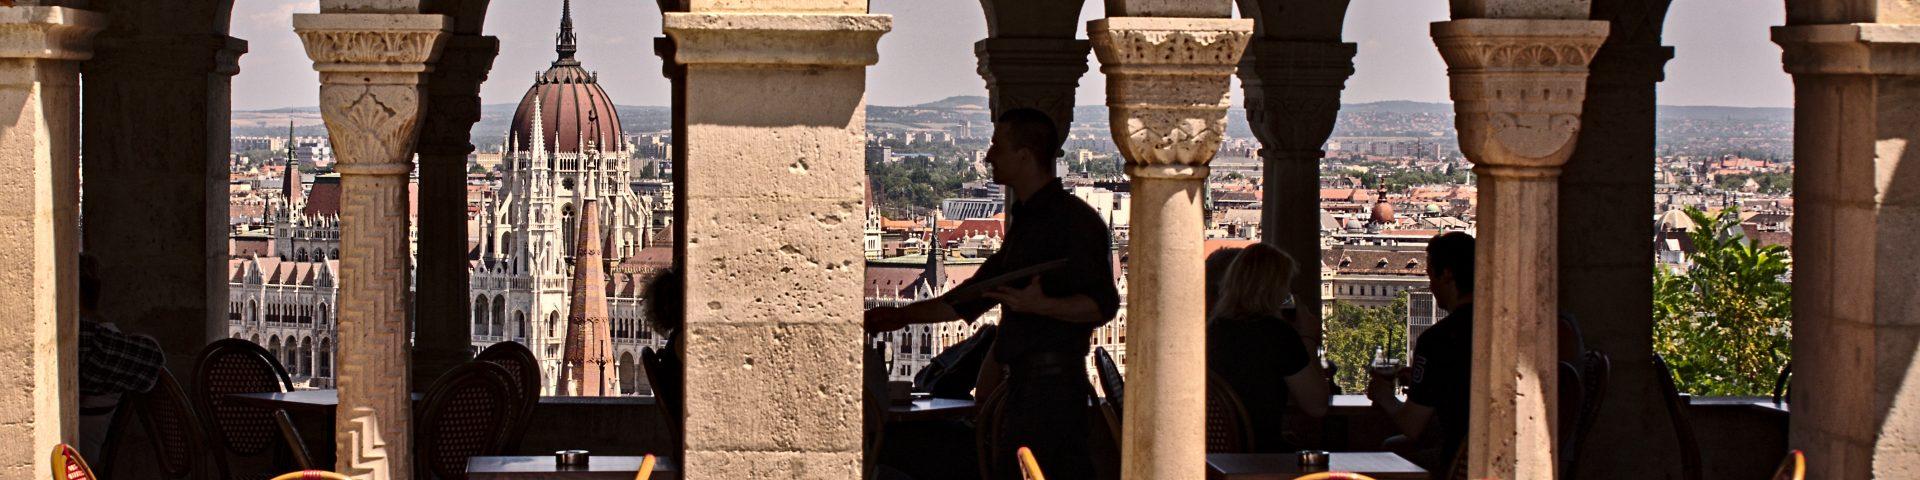 Fischer Bastei Budapest erleben